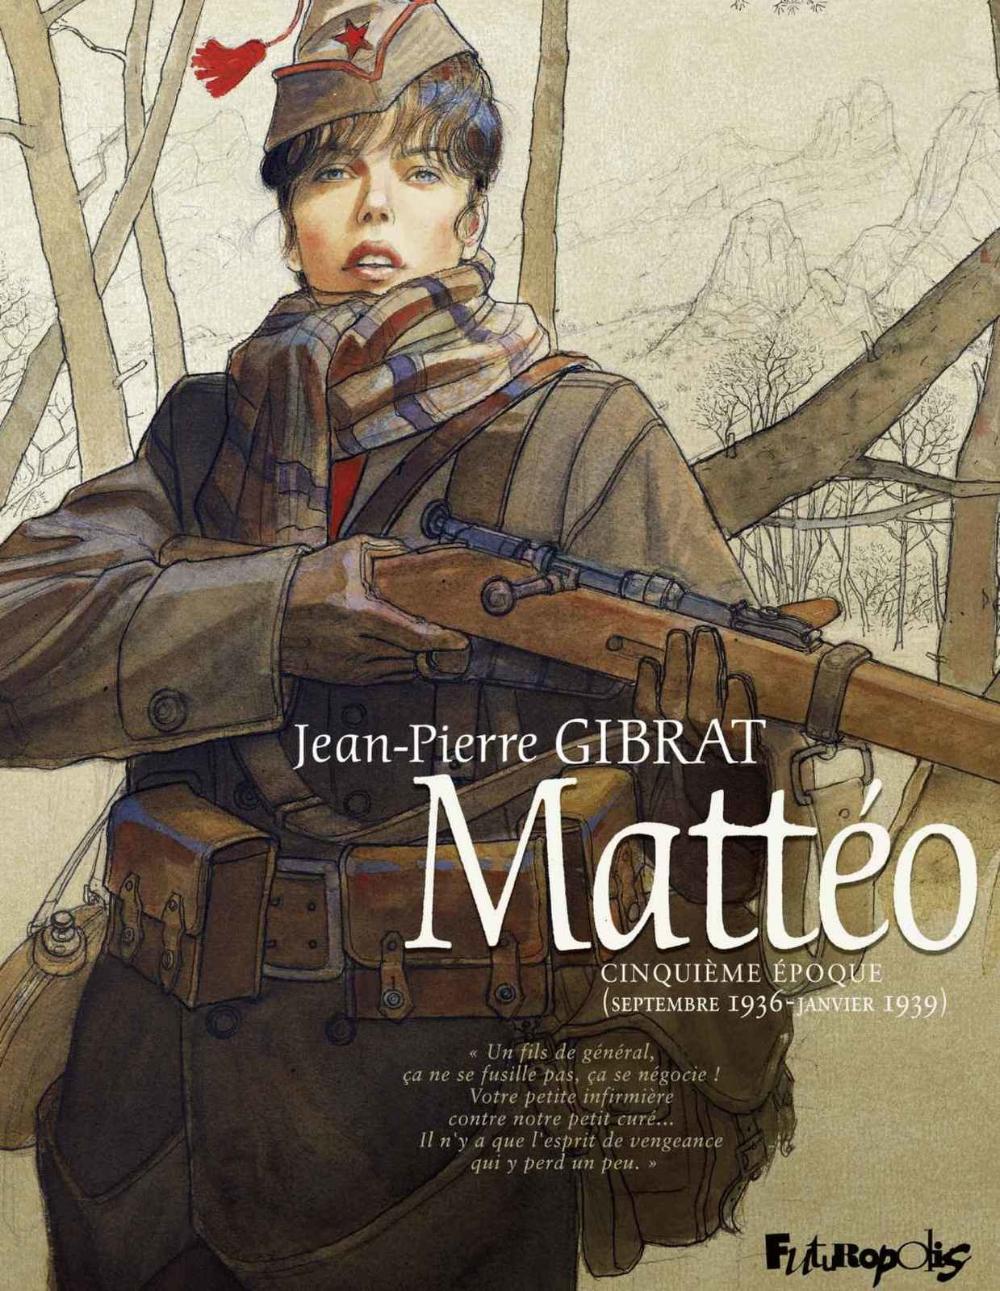 Matteo Jean Pierre Gibrat Cinquieme Epoque Bande Dessinee Historique Bien Le Bonjour D Andre Bd Historique Janvier Septembre